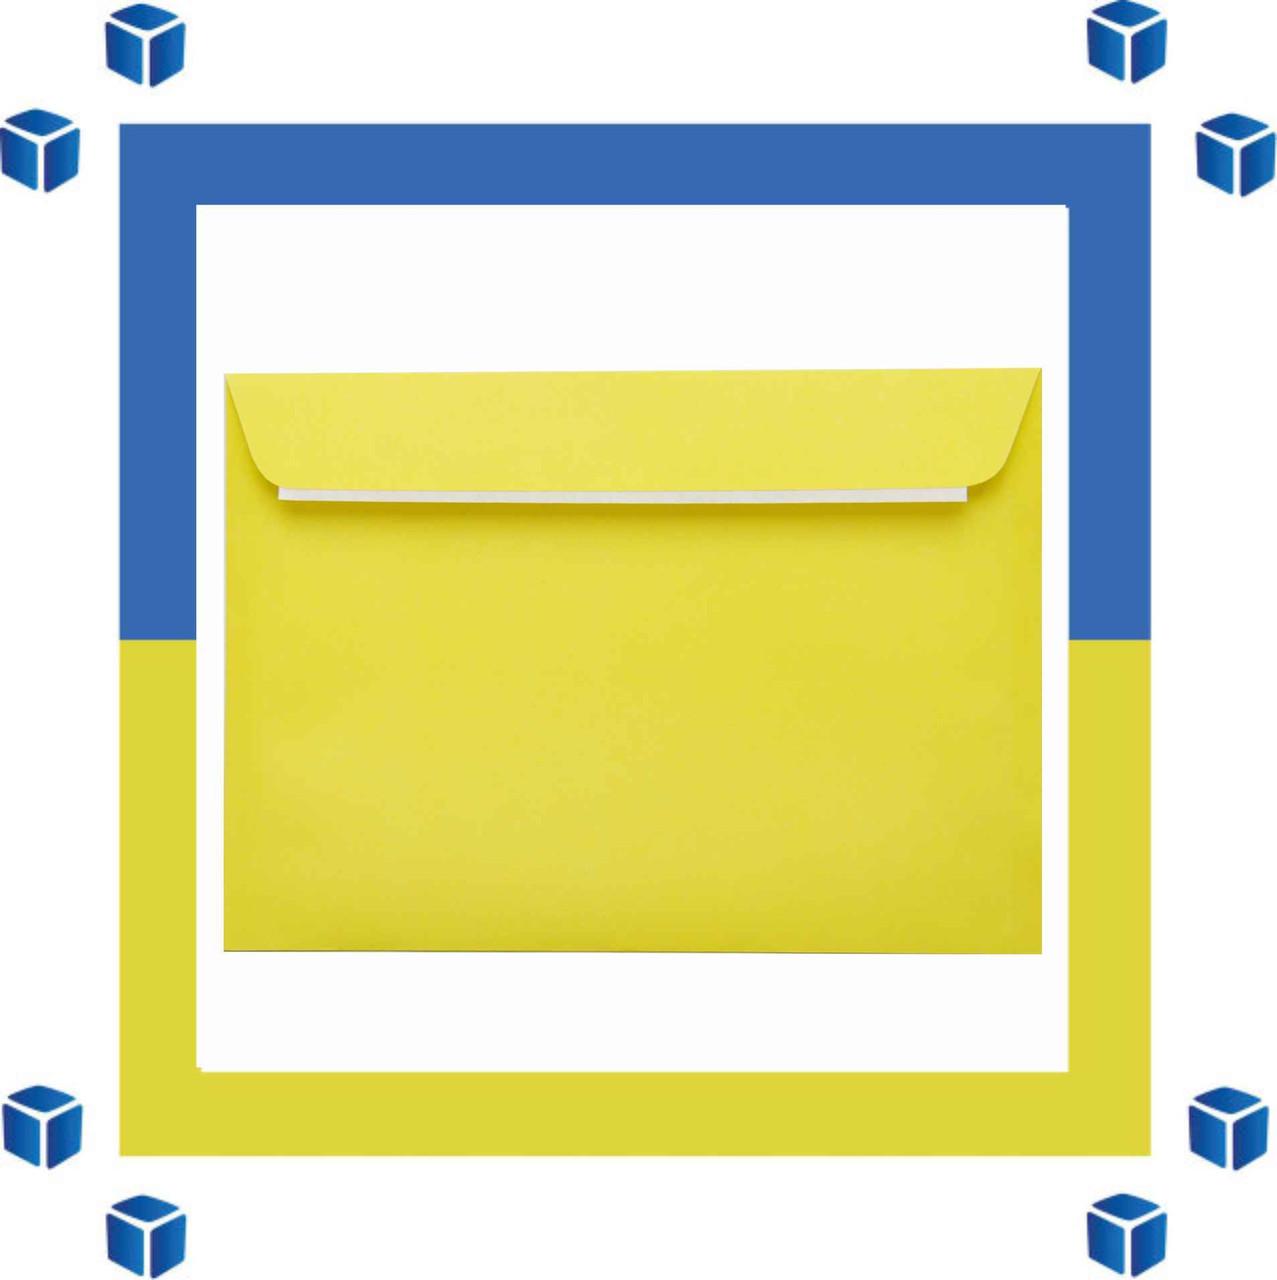 Конверты С5 (162х229) скл, жёлтый (0+0)